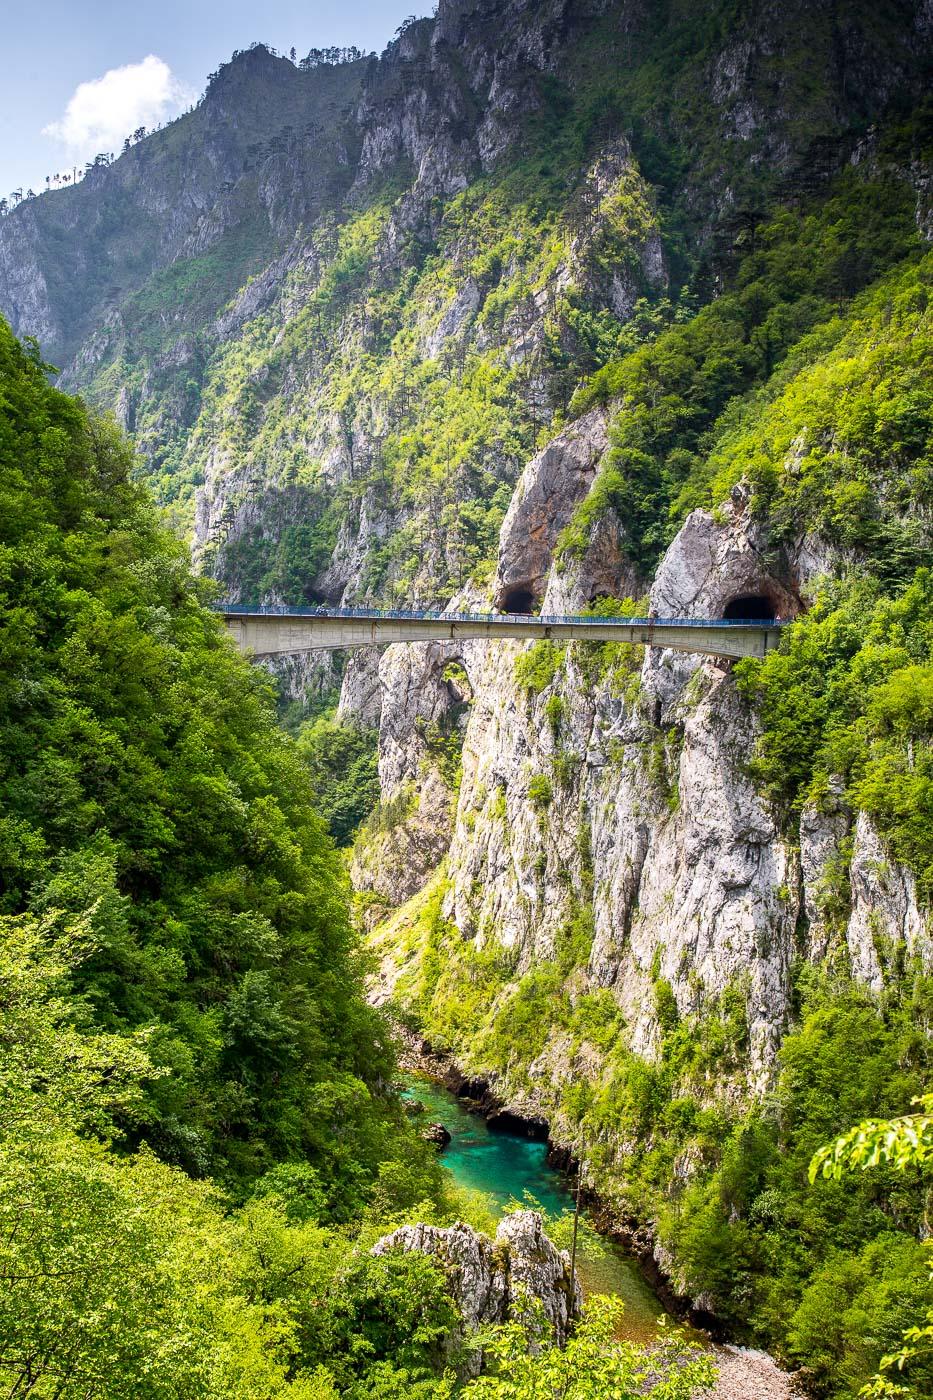 Reise_Balkan-7993.jpg